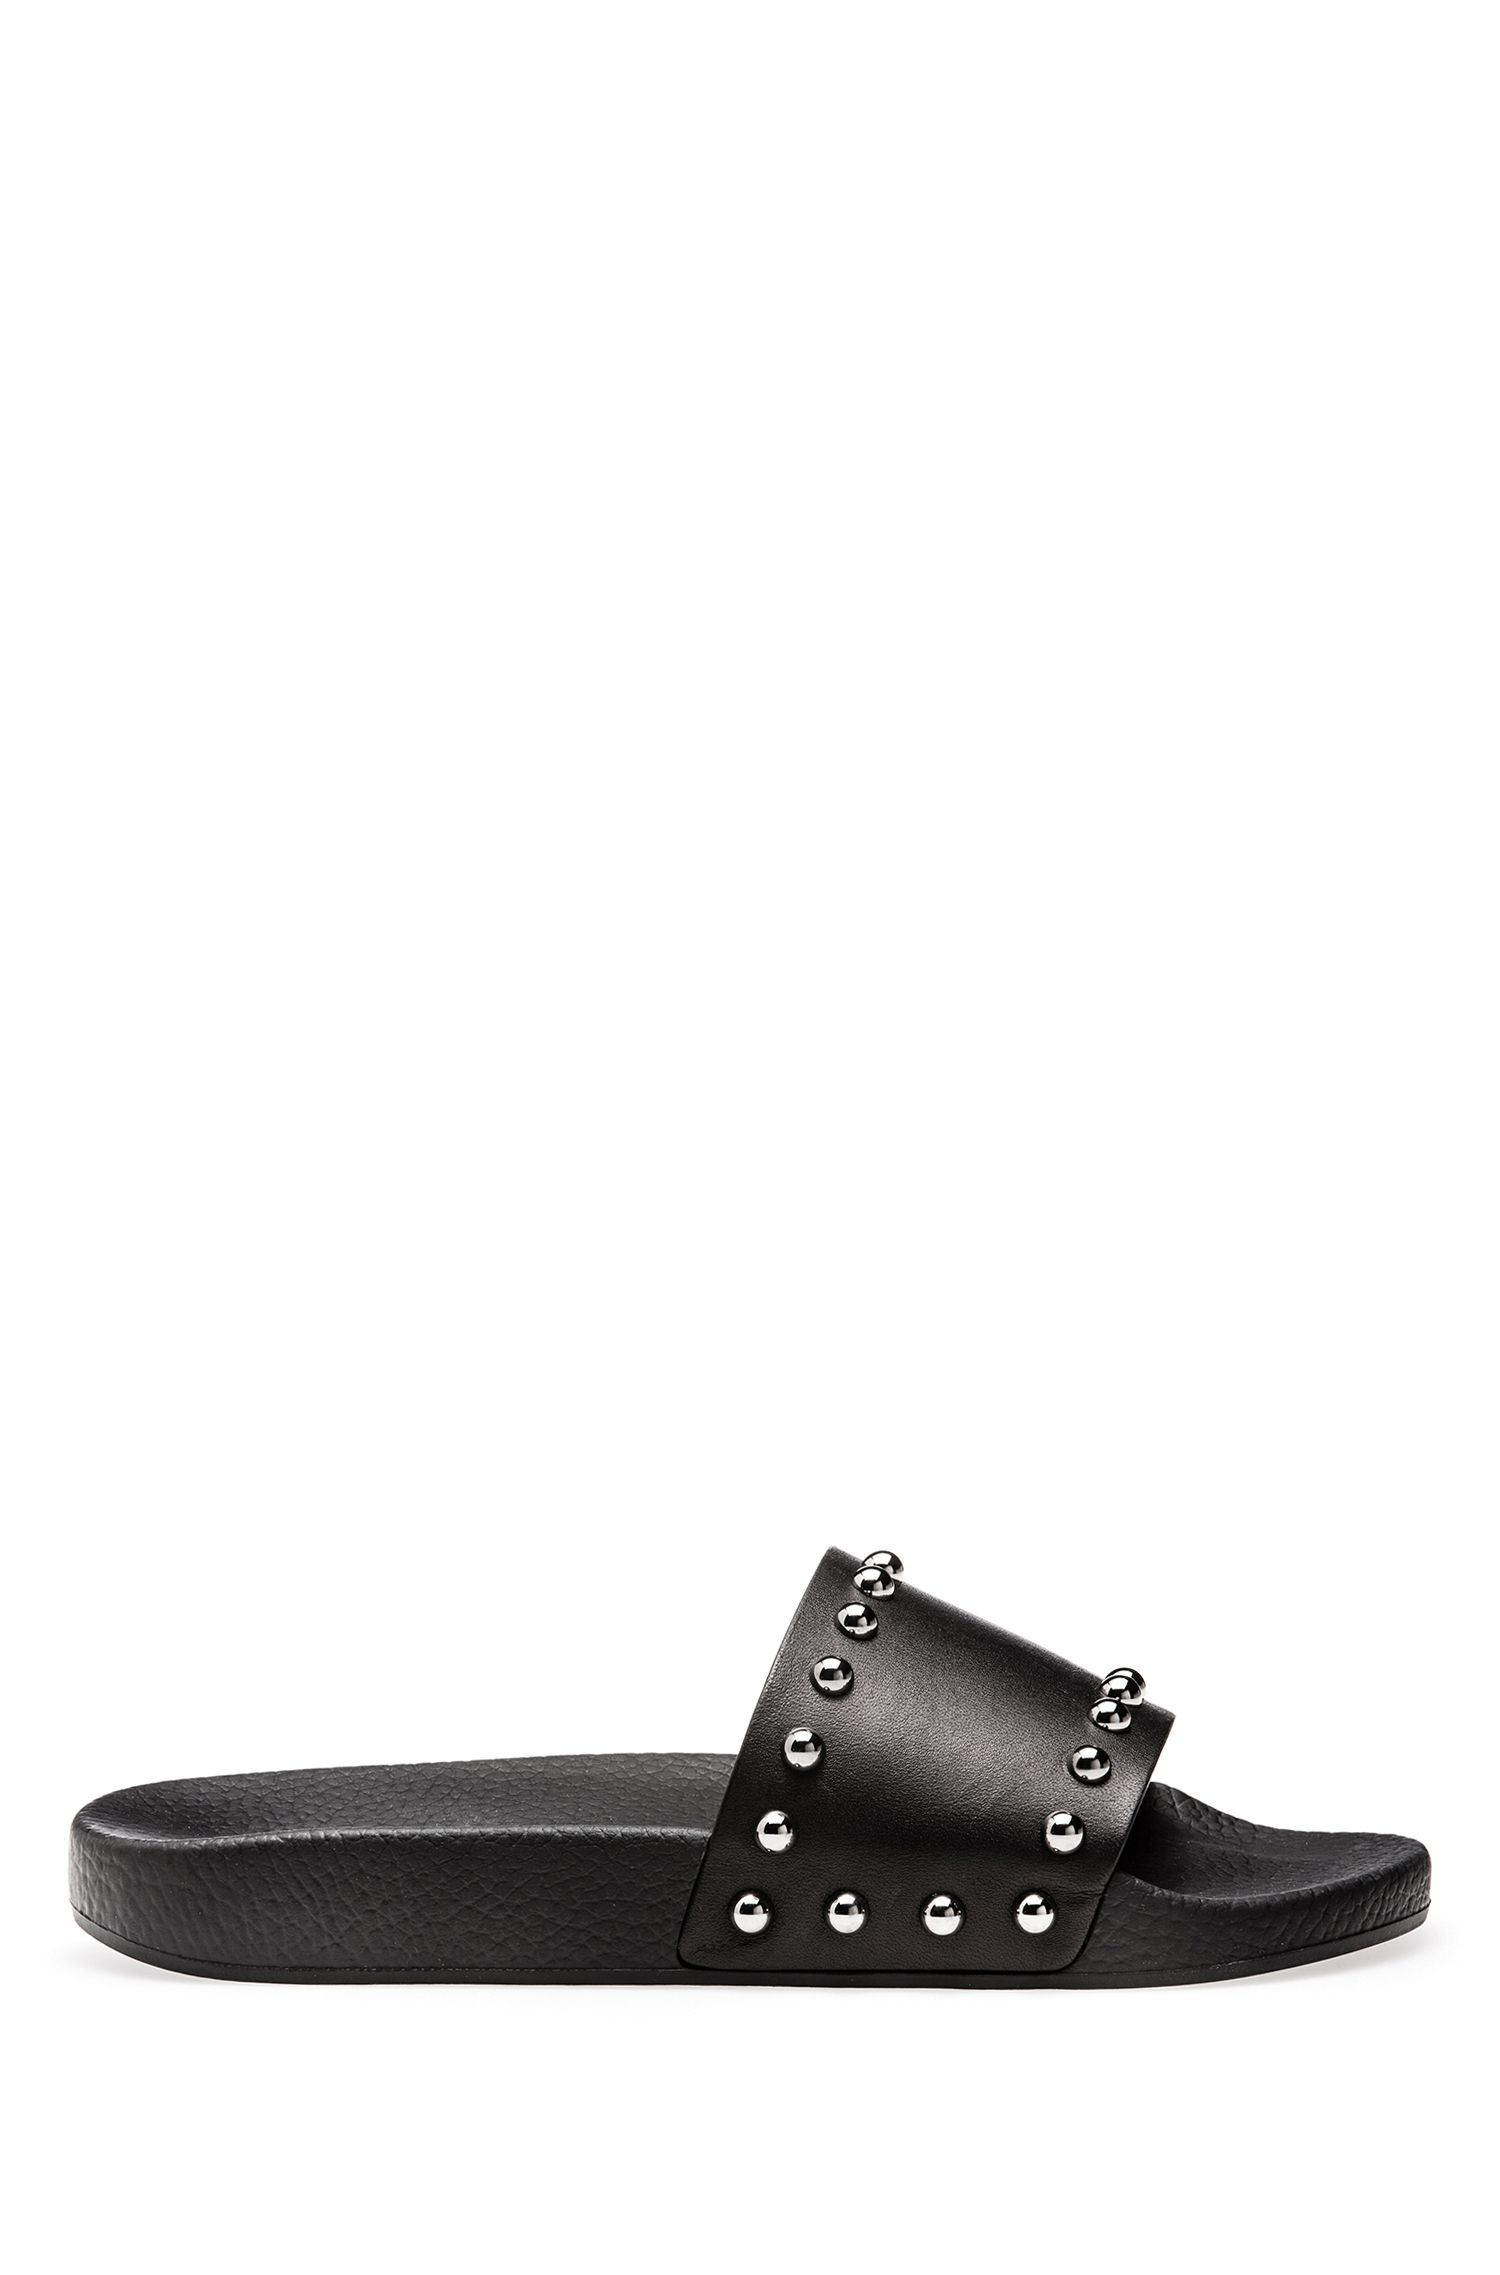 Leder-Sandalen mit polierten Kegelnieten